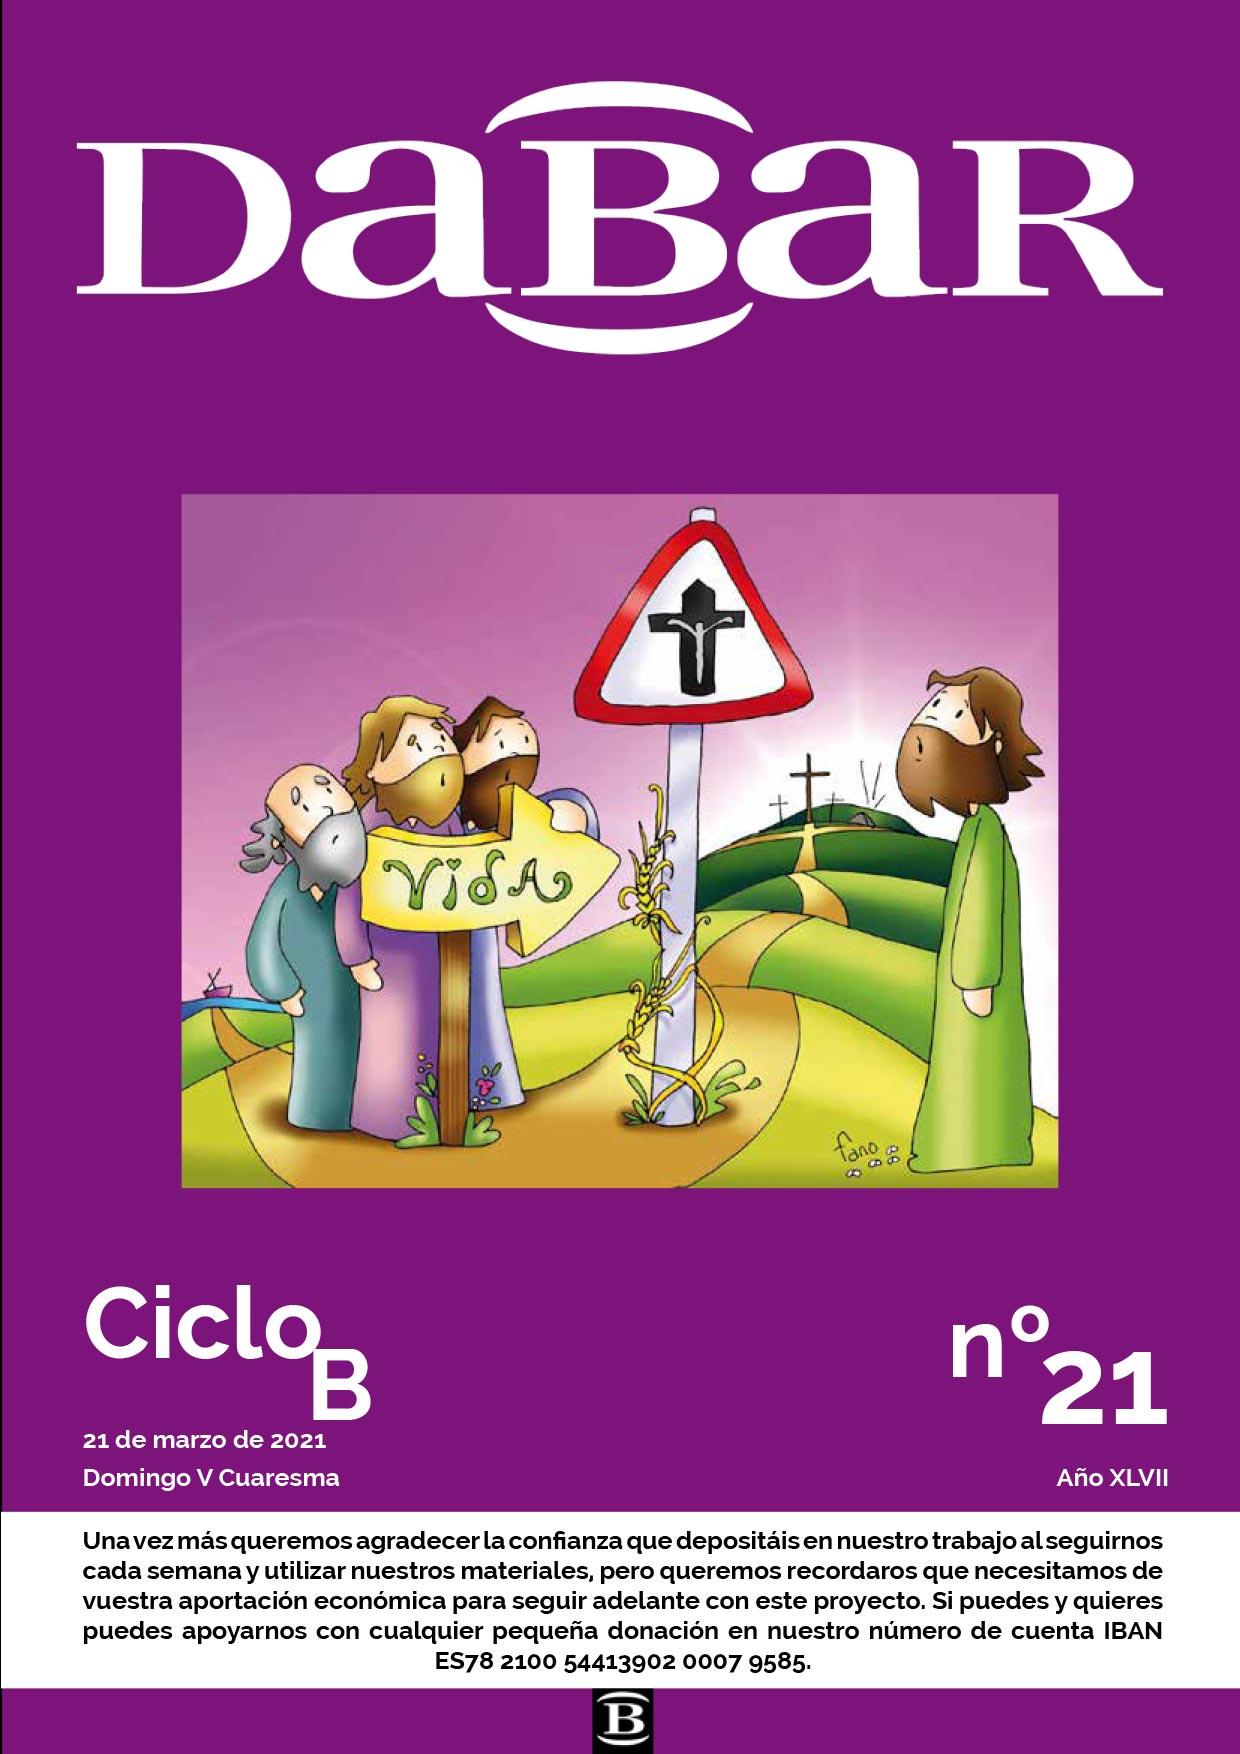 Dabar Revista numero 21 ciclo B